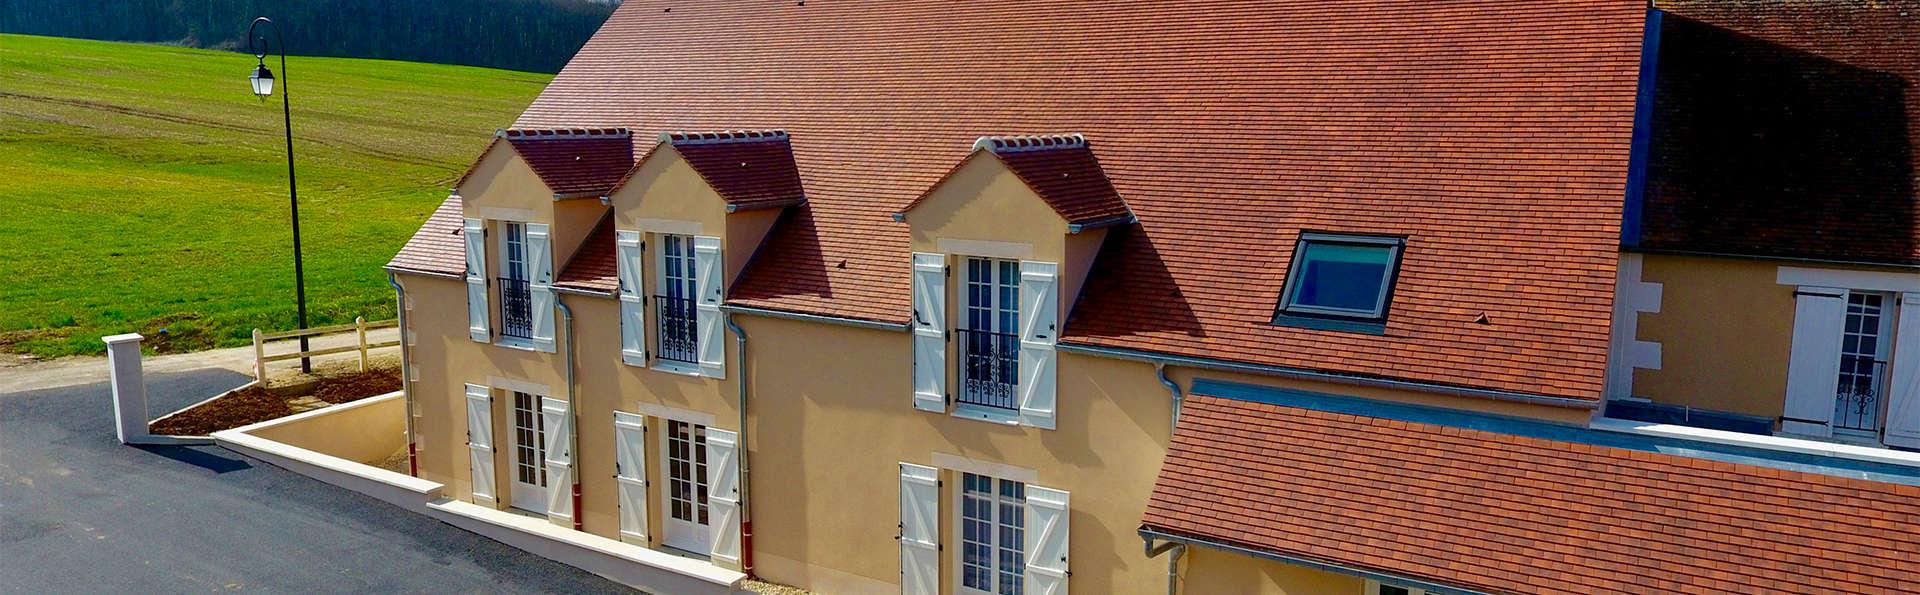 Hôtel Le Moulin de la Coudre - EDIT_Exterior.jpg